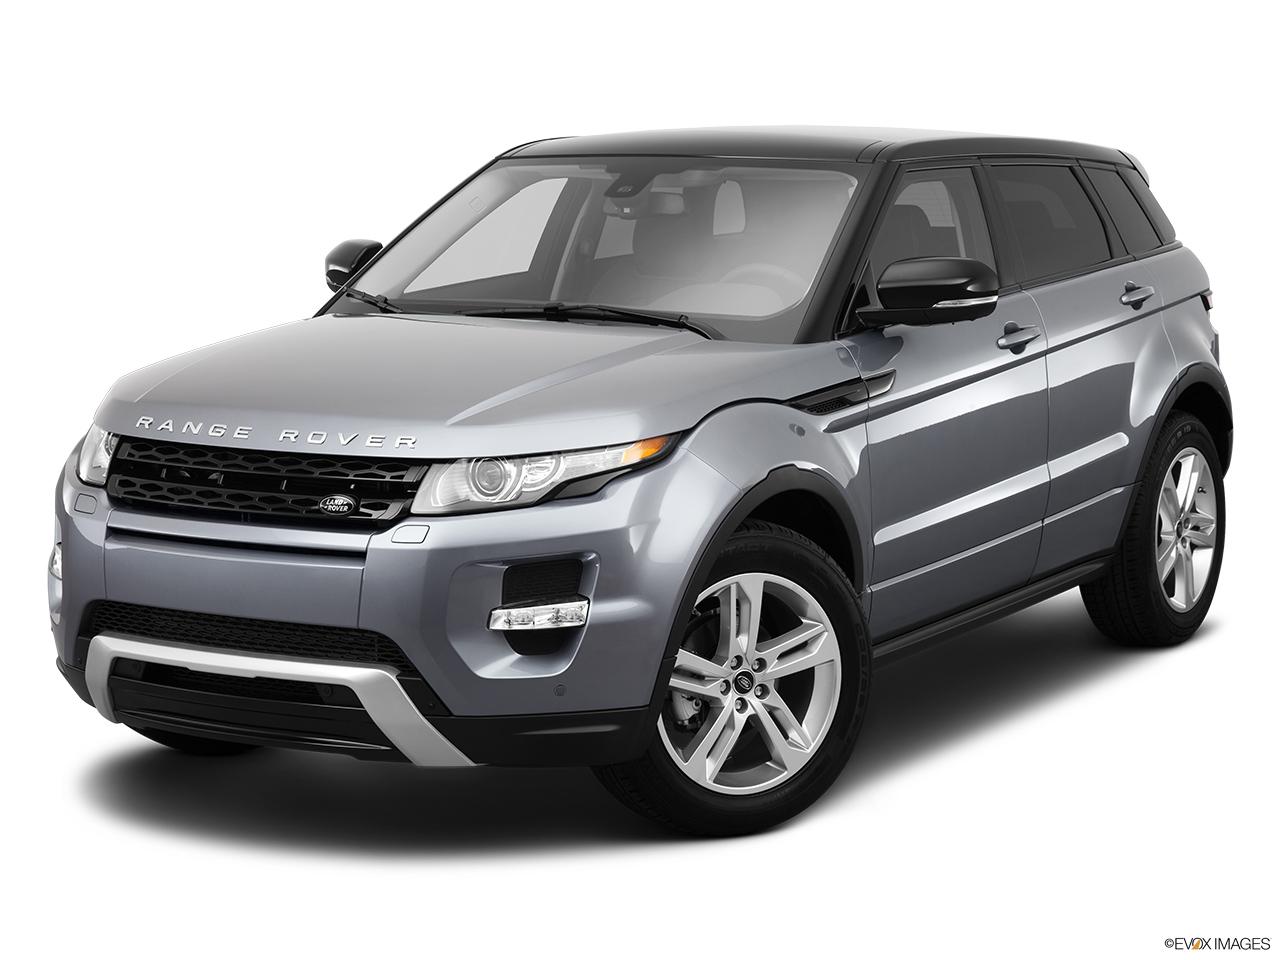 2014 land rover range rover evoque 5dr hatchback pure. Black Bedroom Furniture Sets. Home Design Ideas